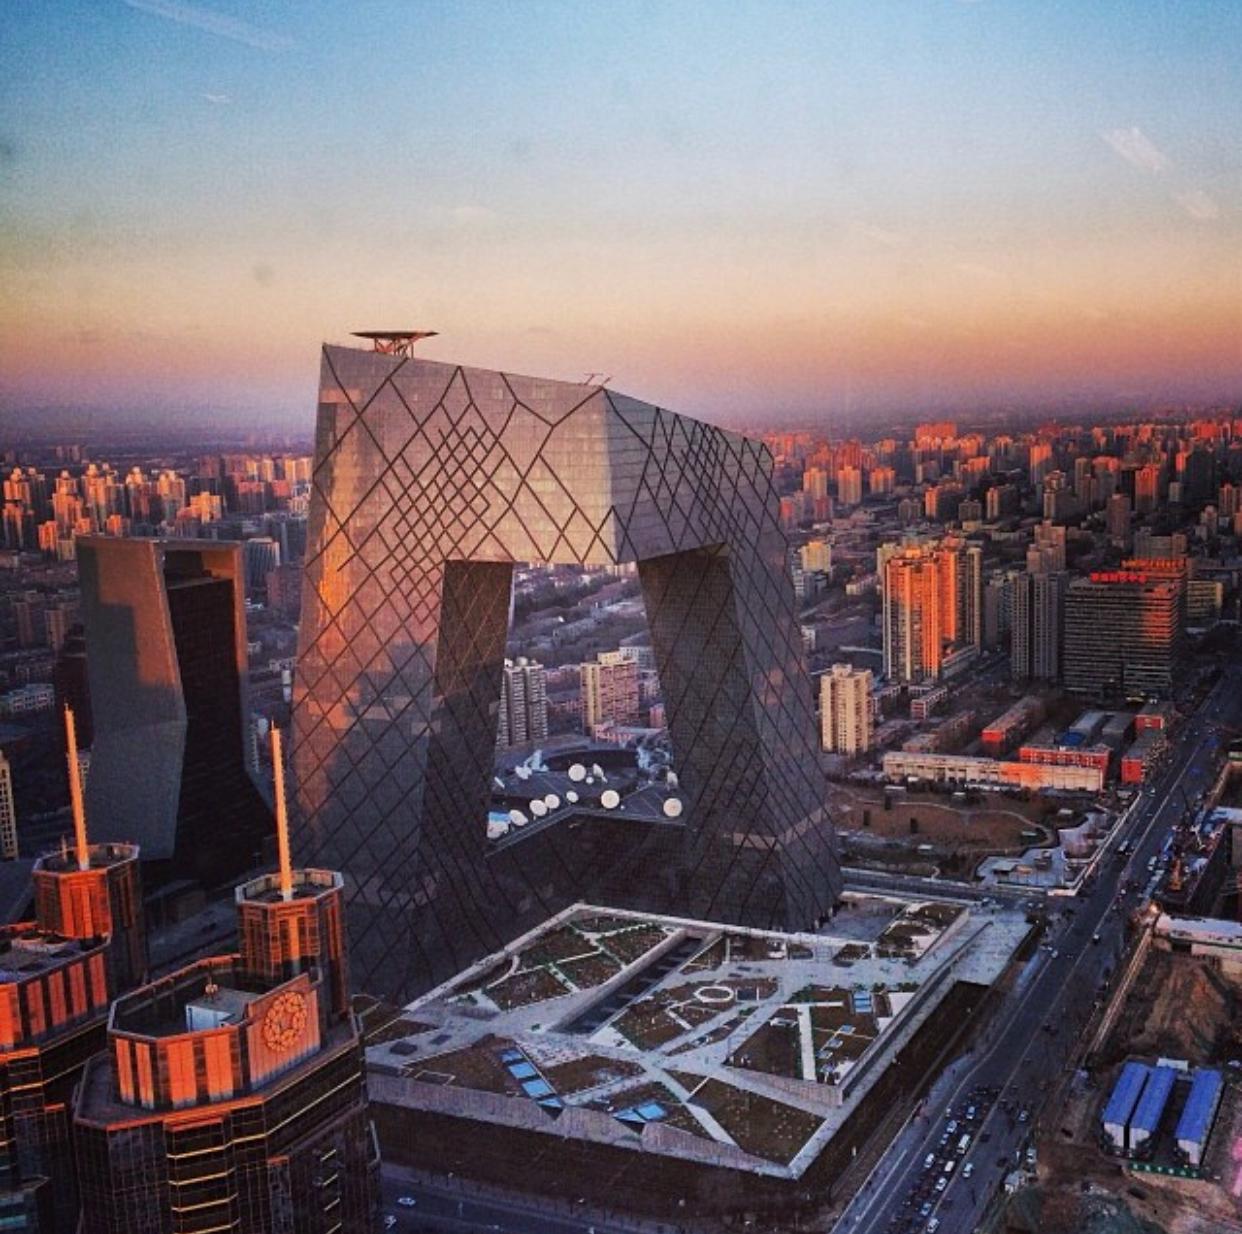 CCTV Building, Beijing